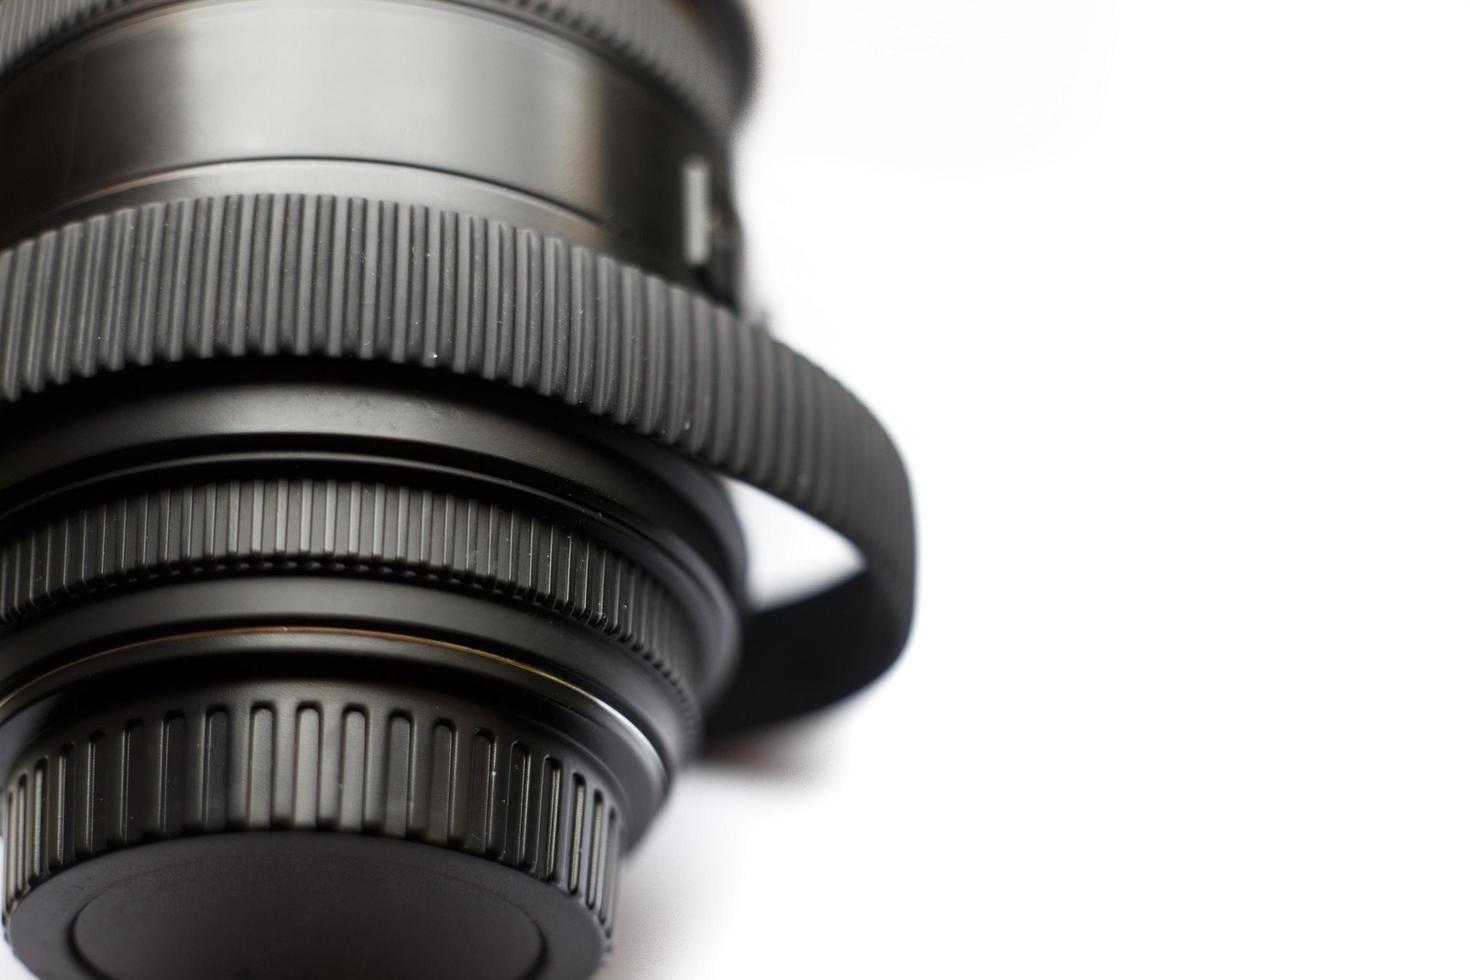 Lente de fotografía SLR con anillo de goma estirado a lo largo del tiempo aislado sobre fondo blanco. foto